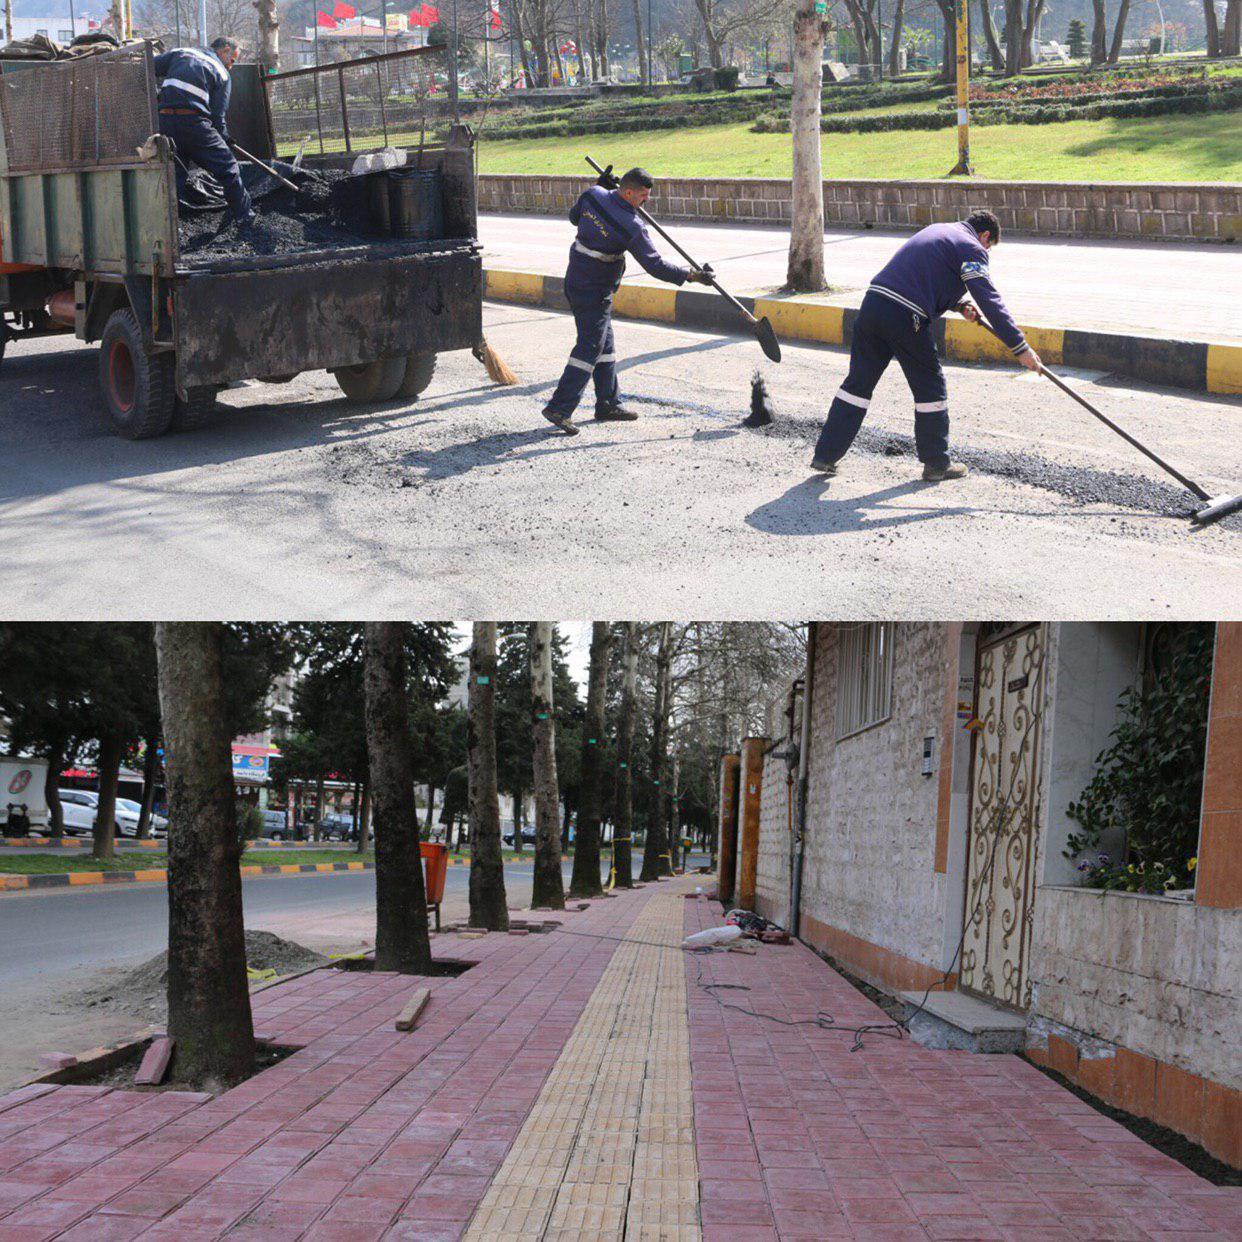 photo 2019 03 14 10 06 00 - برنامه های شهرداری لاهیجان در ایام نوروز ۹۸